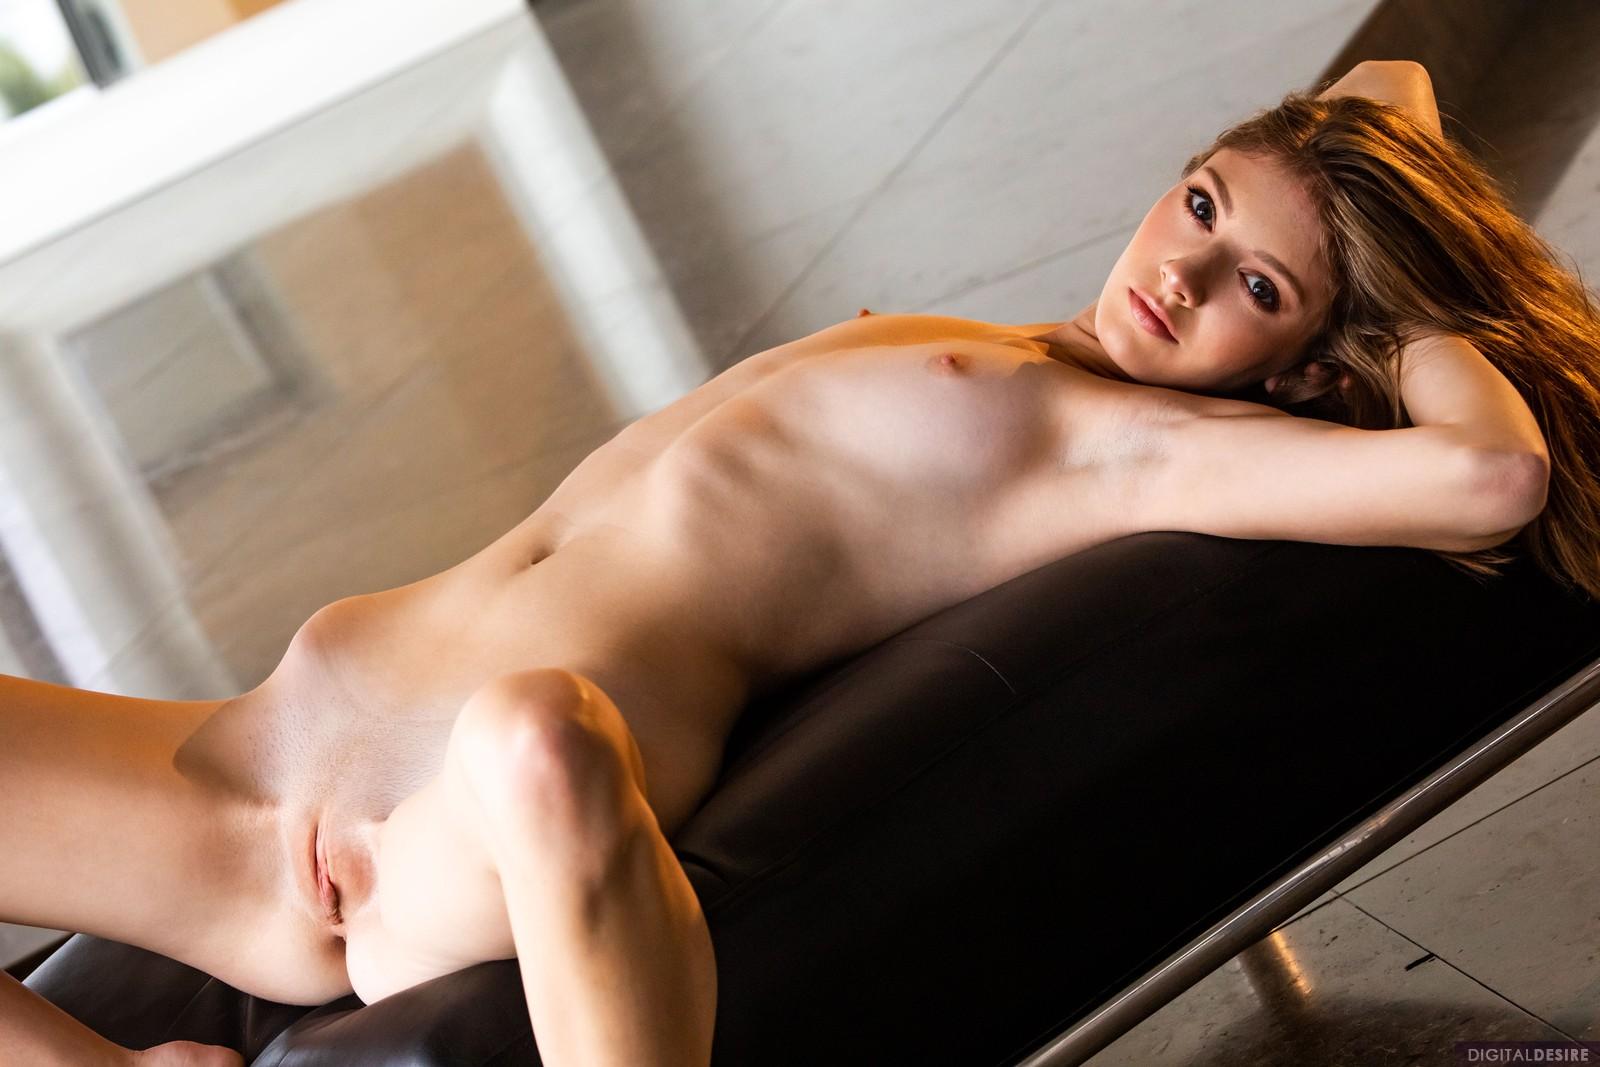 slim girl beauty nude